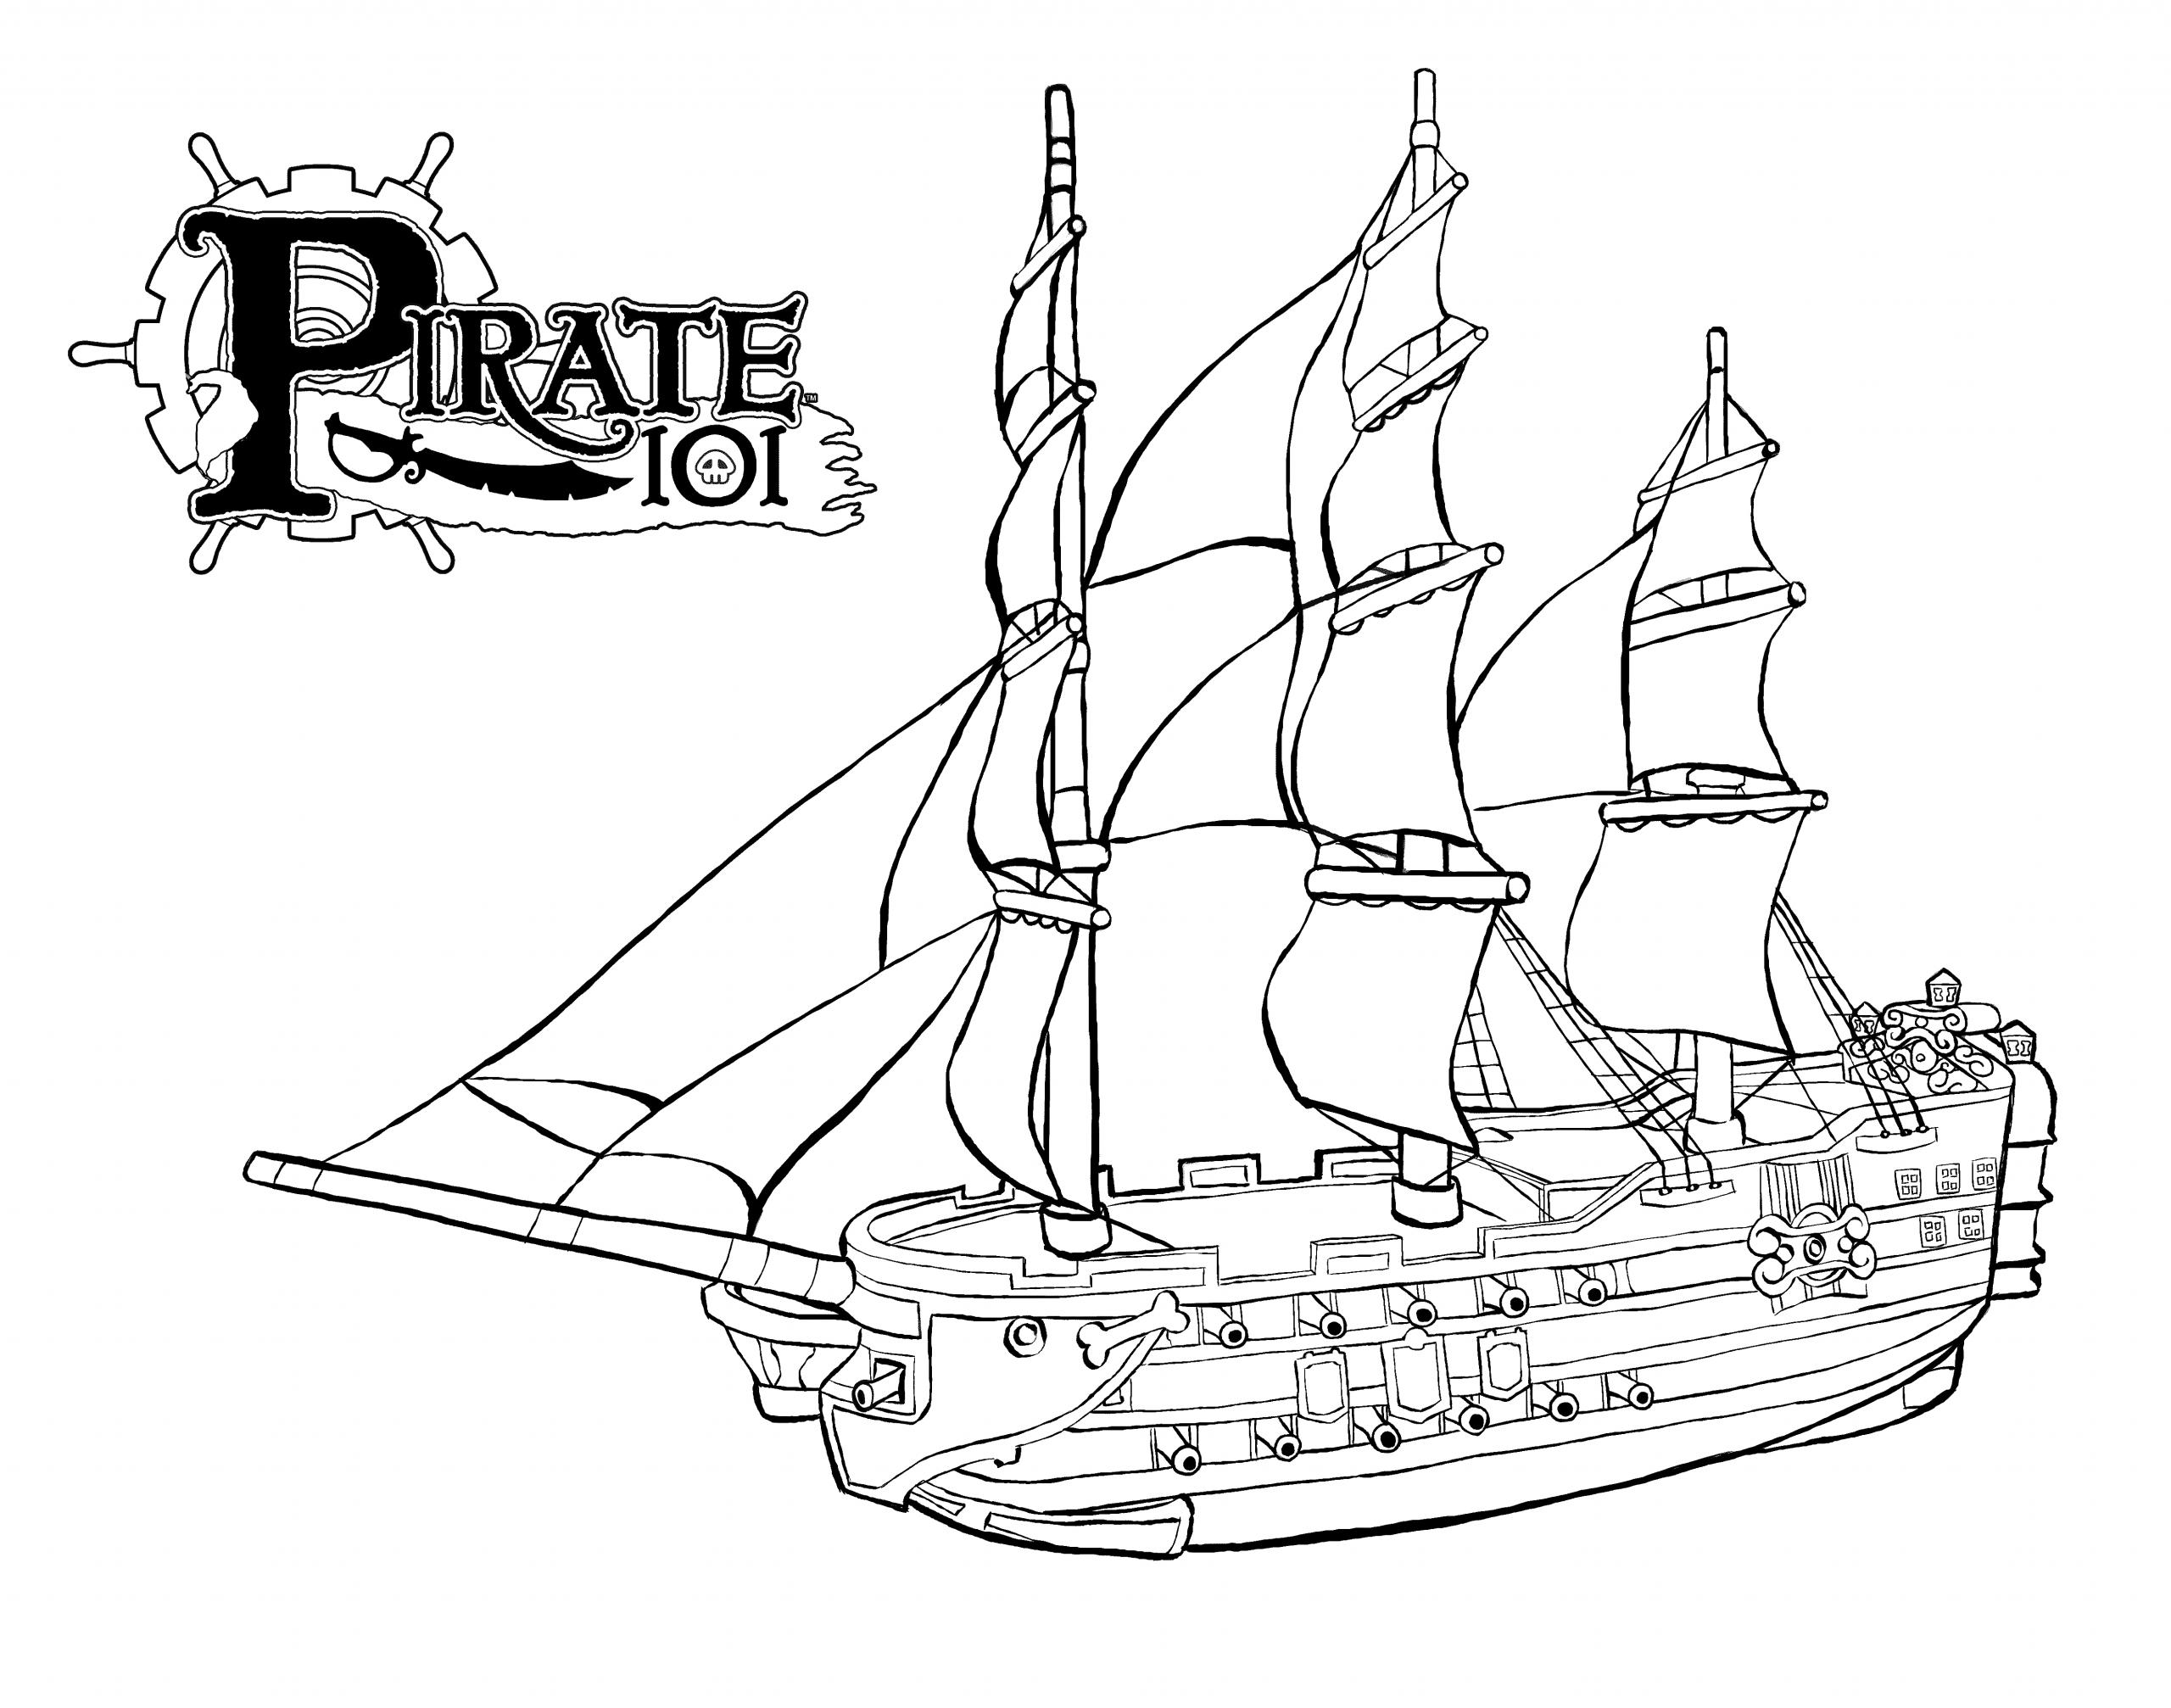 Bateau Pirate #11 (Transport) – Coloriages À Imprimer dedans Dessin A Imprimer De Pirate